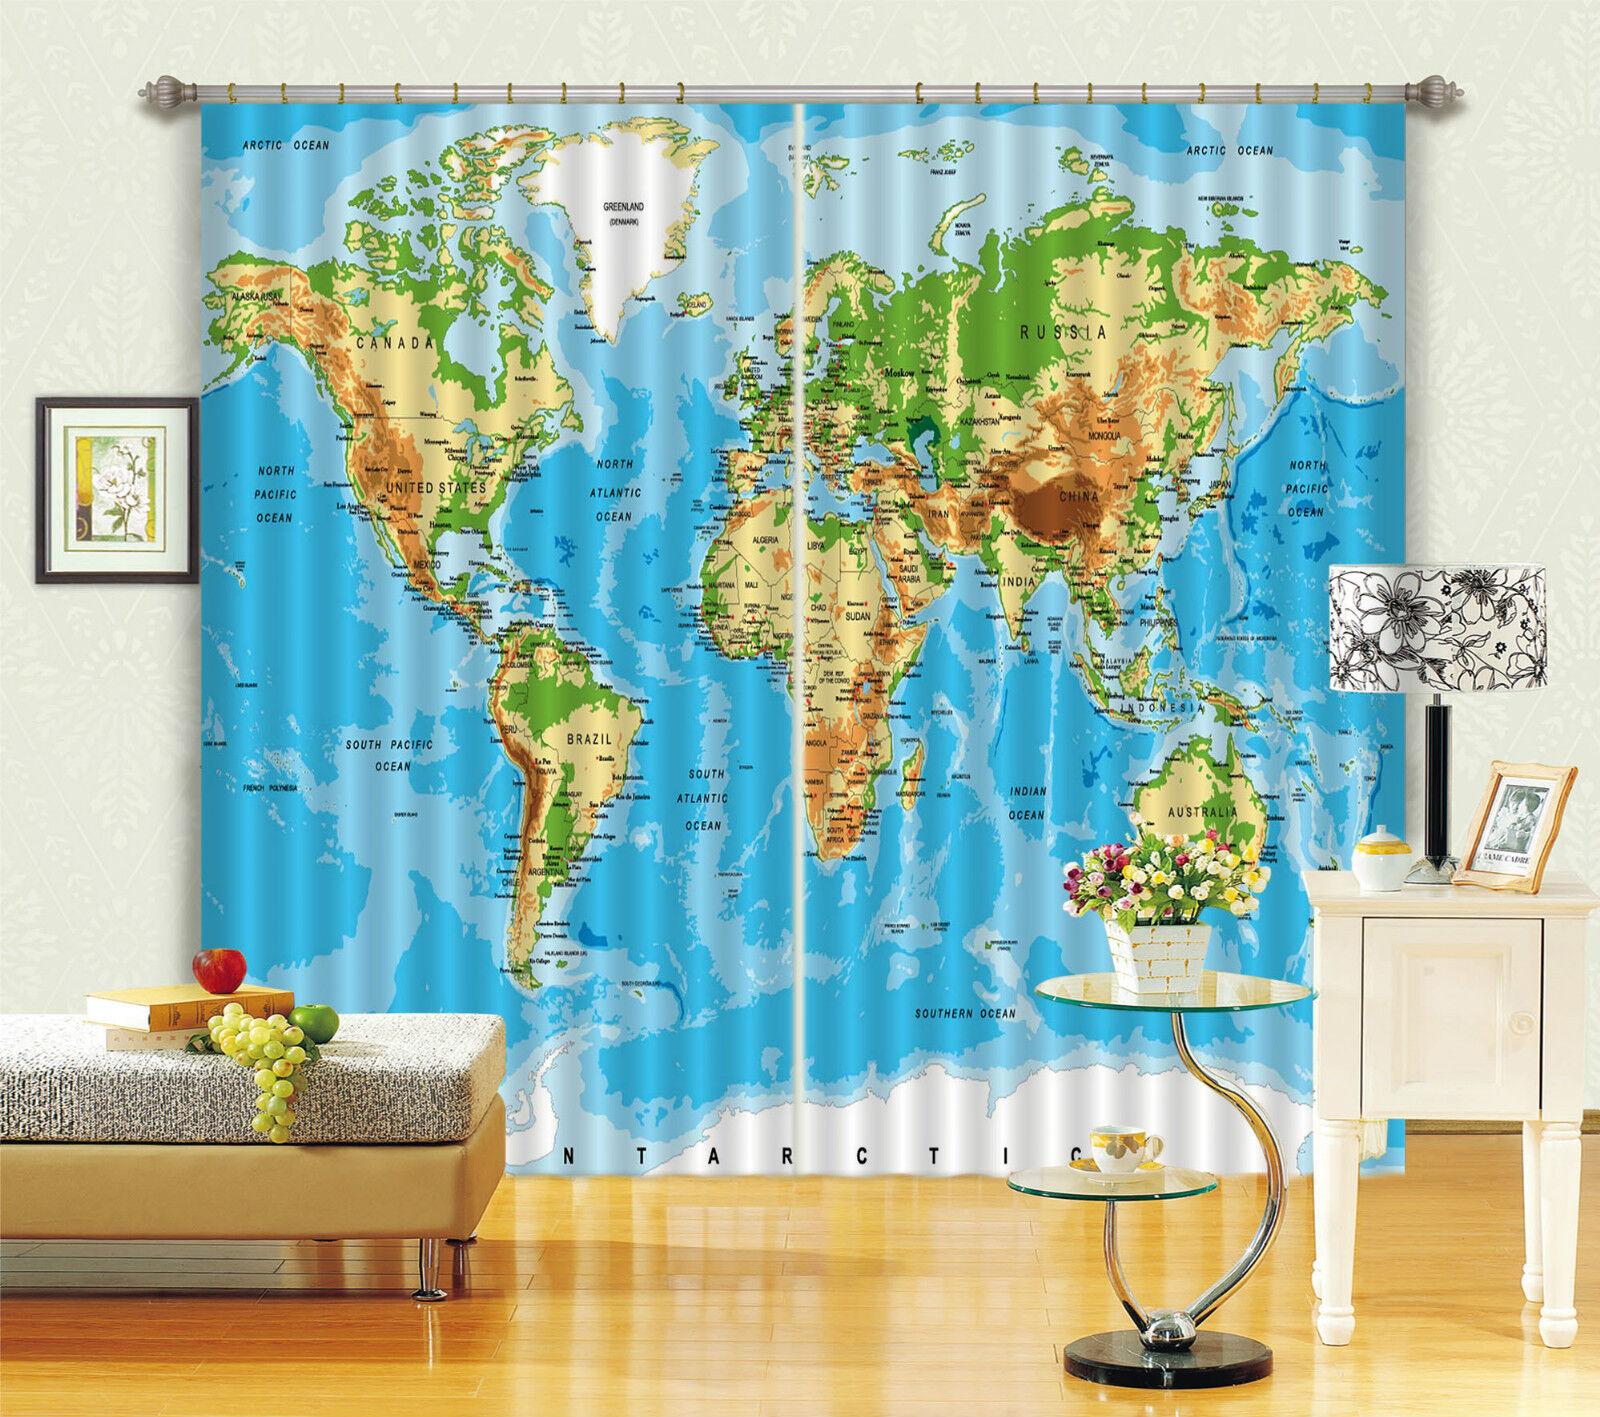 3d Mappa del mondo 4846 blocco foto sipario pressione sipario tende tessuto finestra de